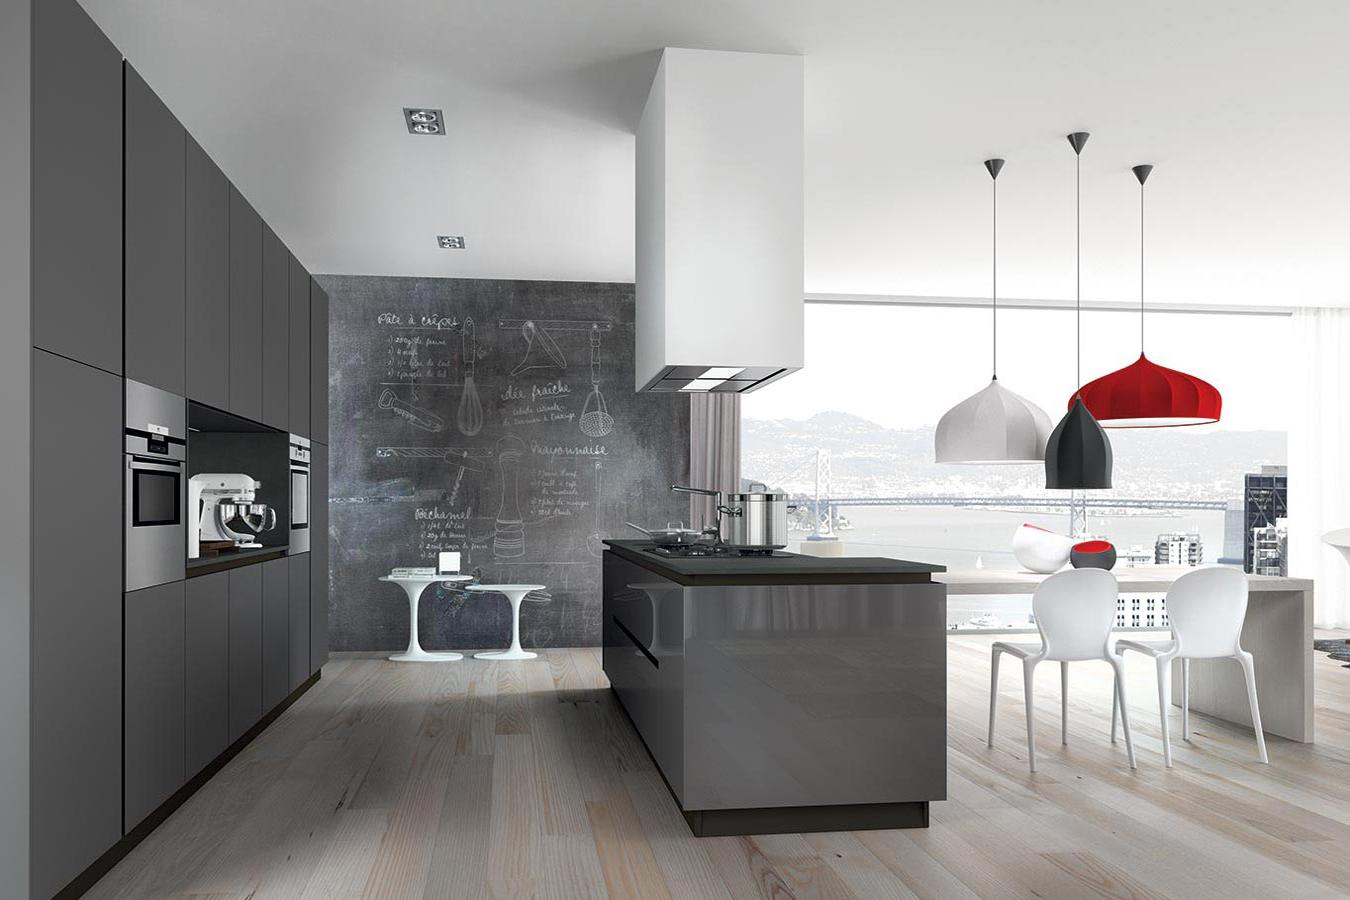 Cucina glass di arredo3 righetti mobili novara - Arredo3 cucine moderne ...